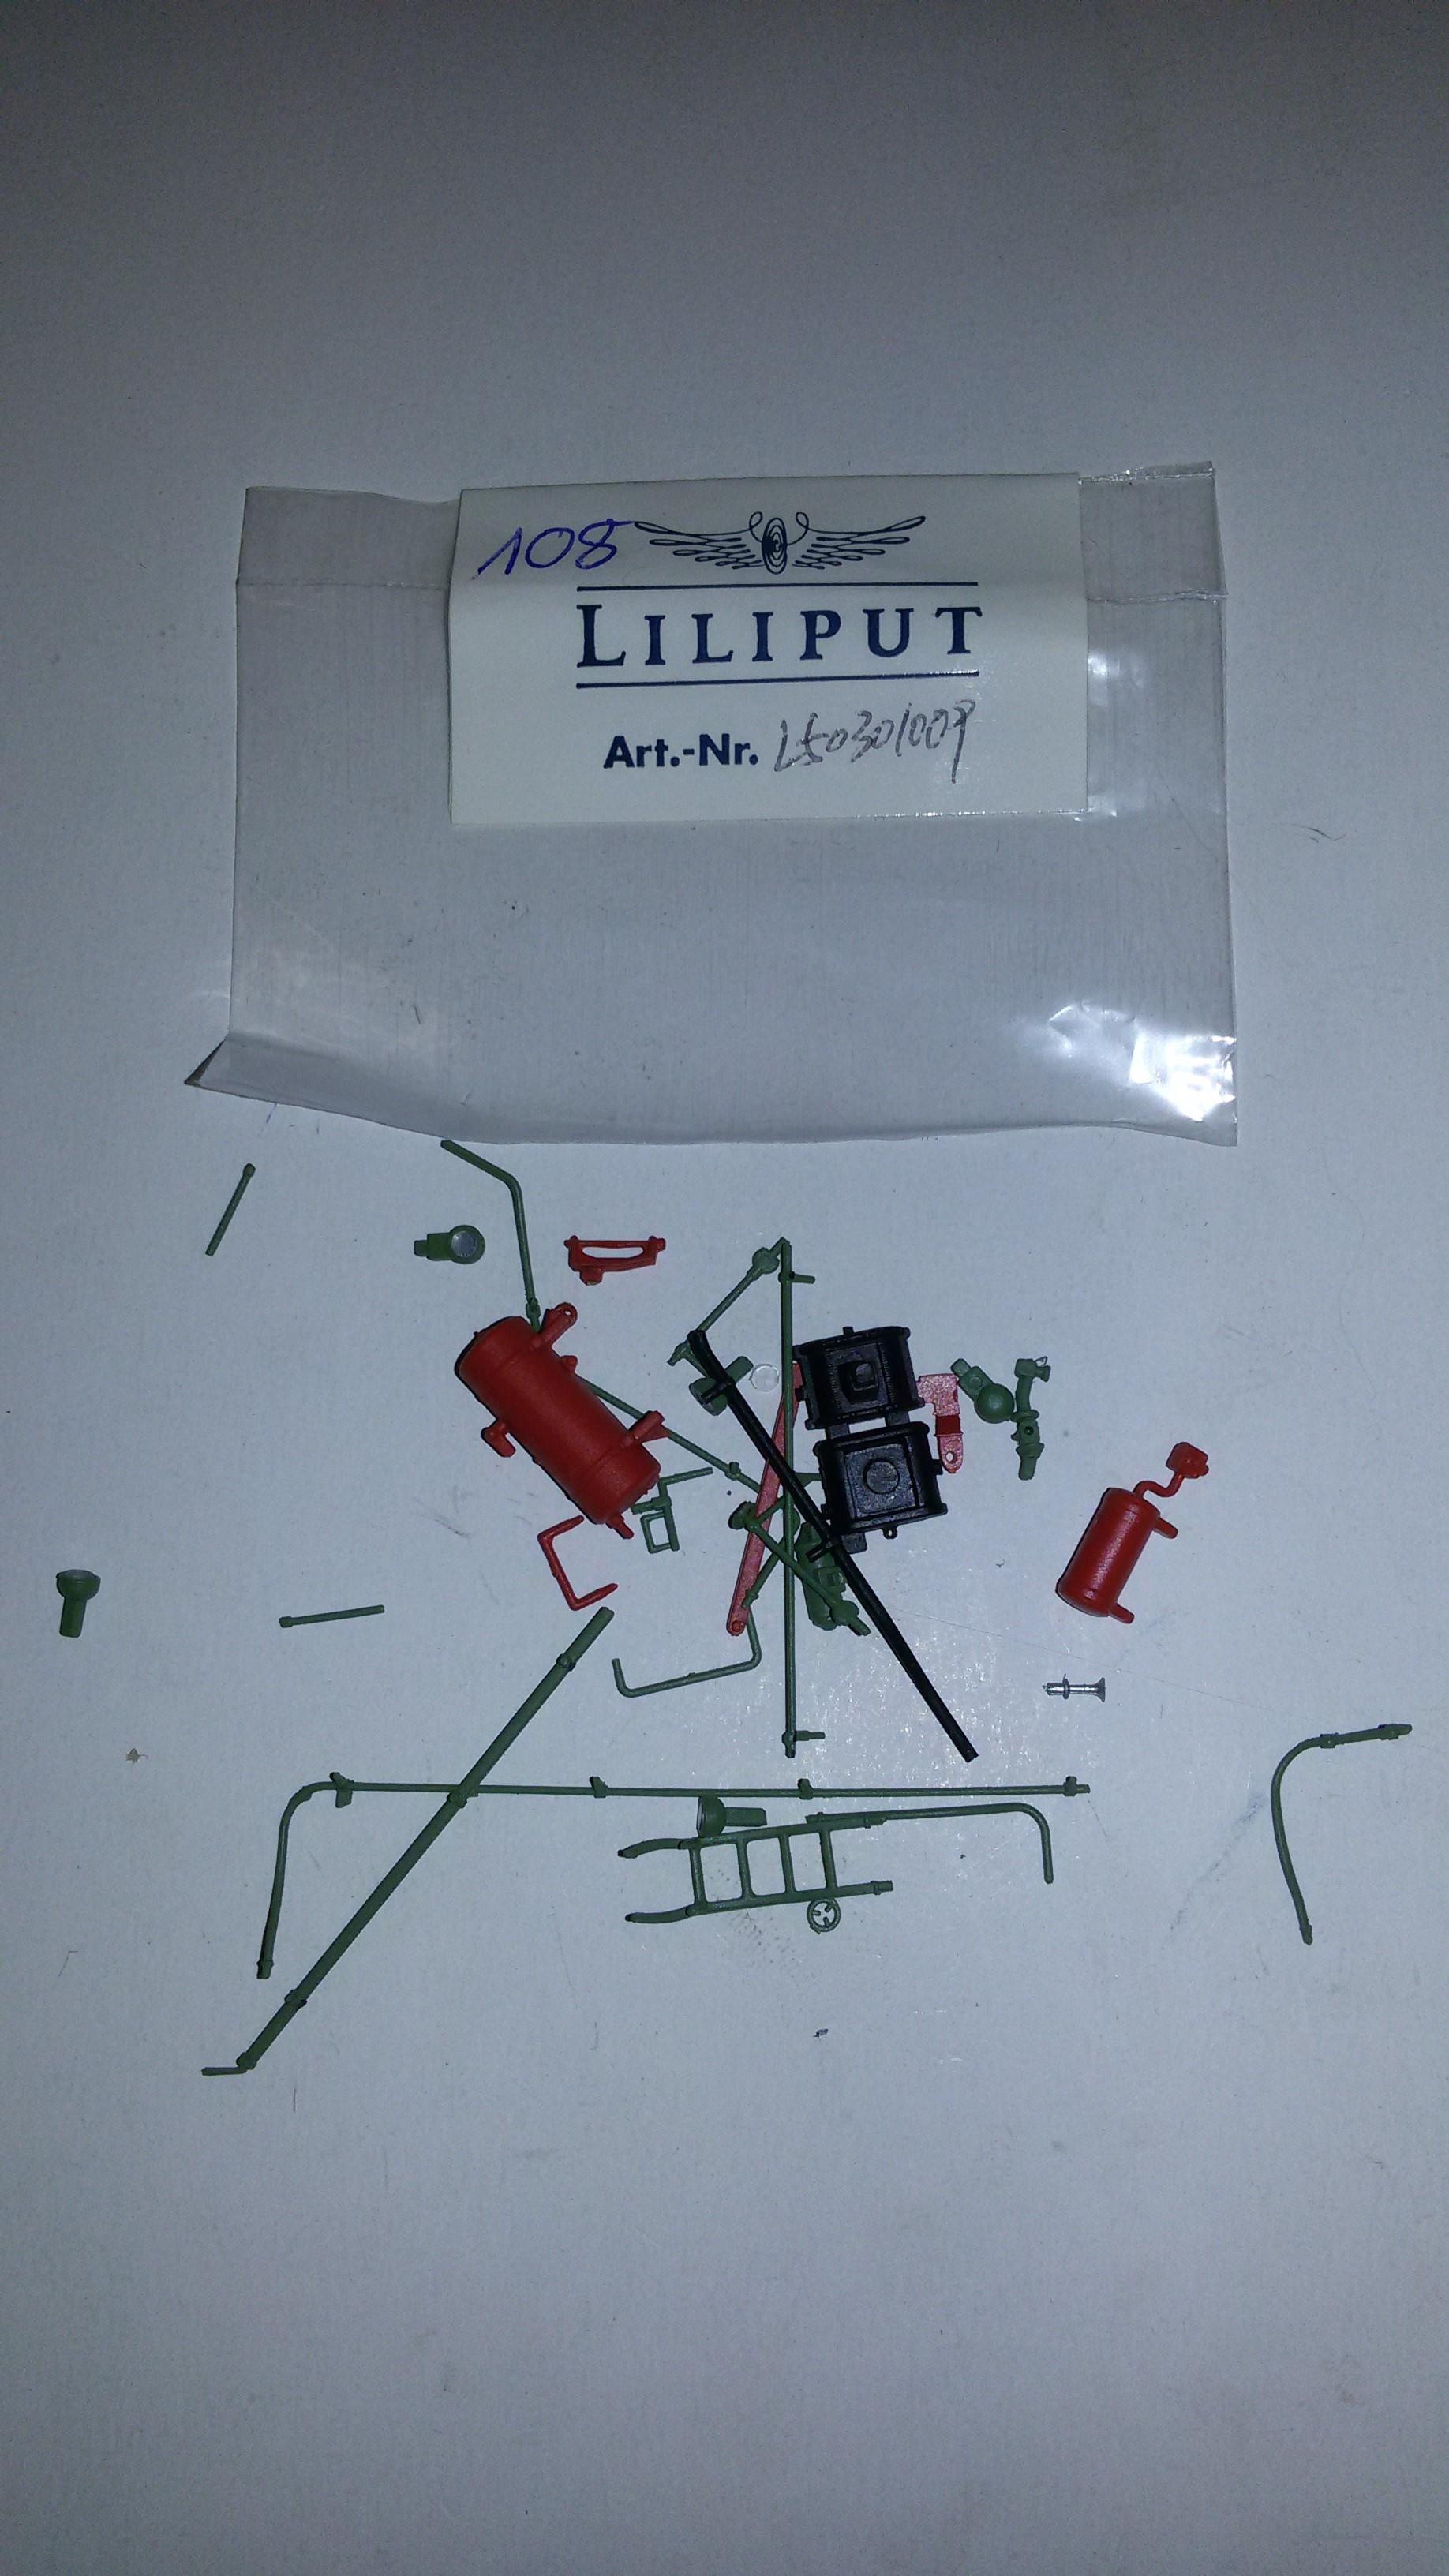 *LO 108* Liliput Ersatzteil L50301009 Zurüstteile Kessel